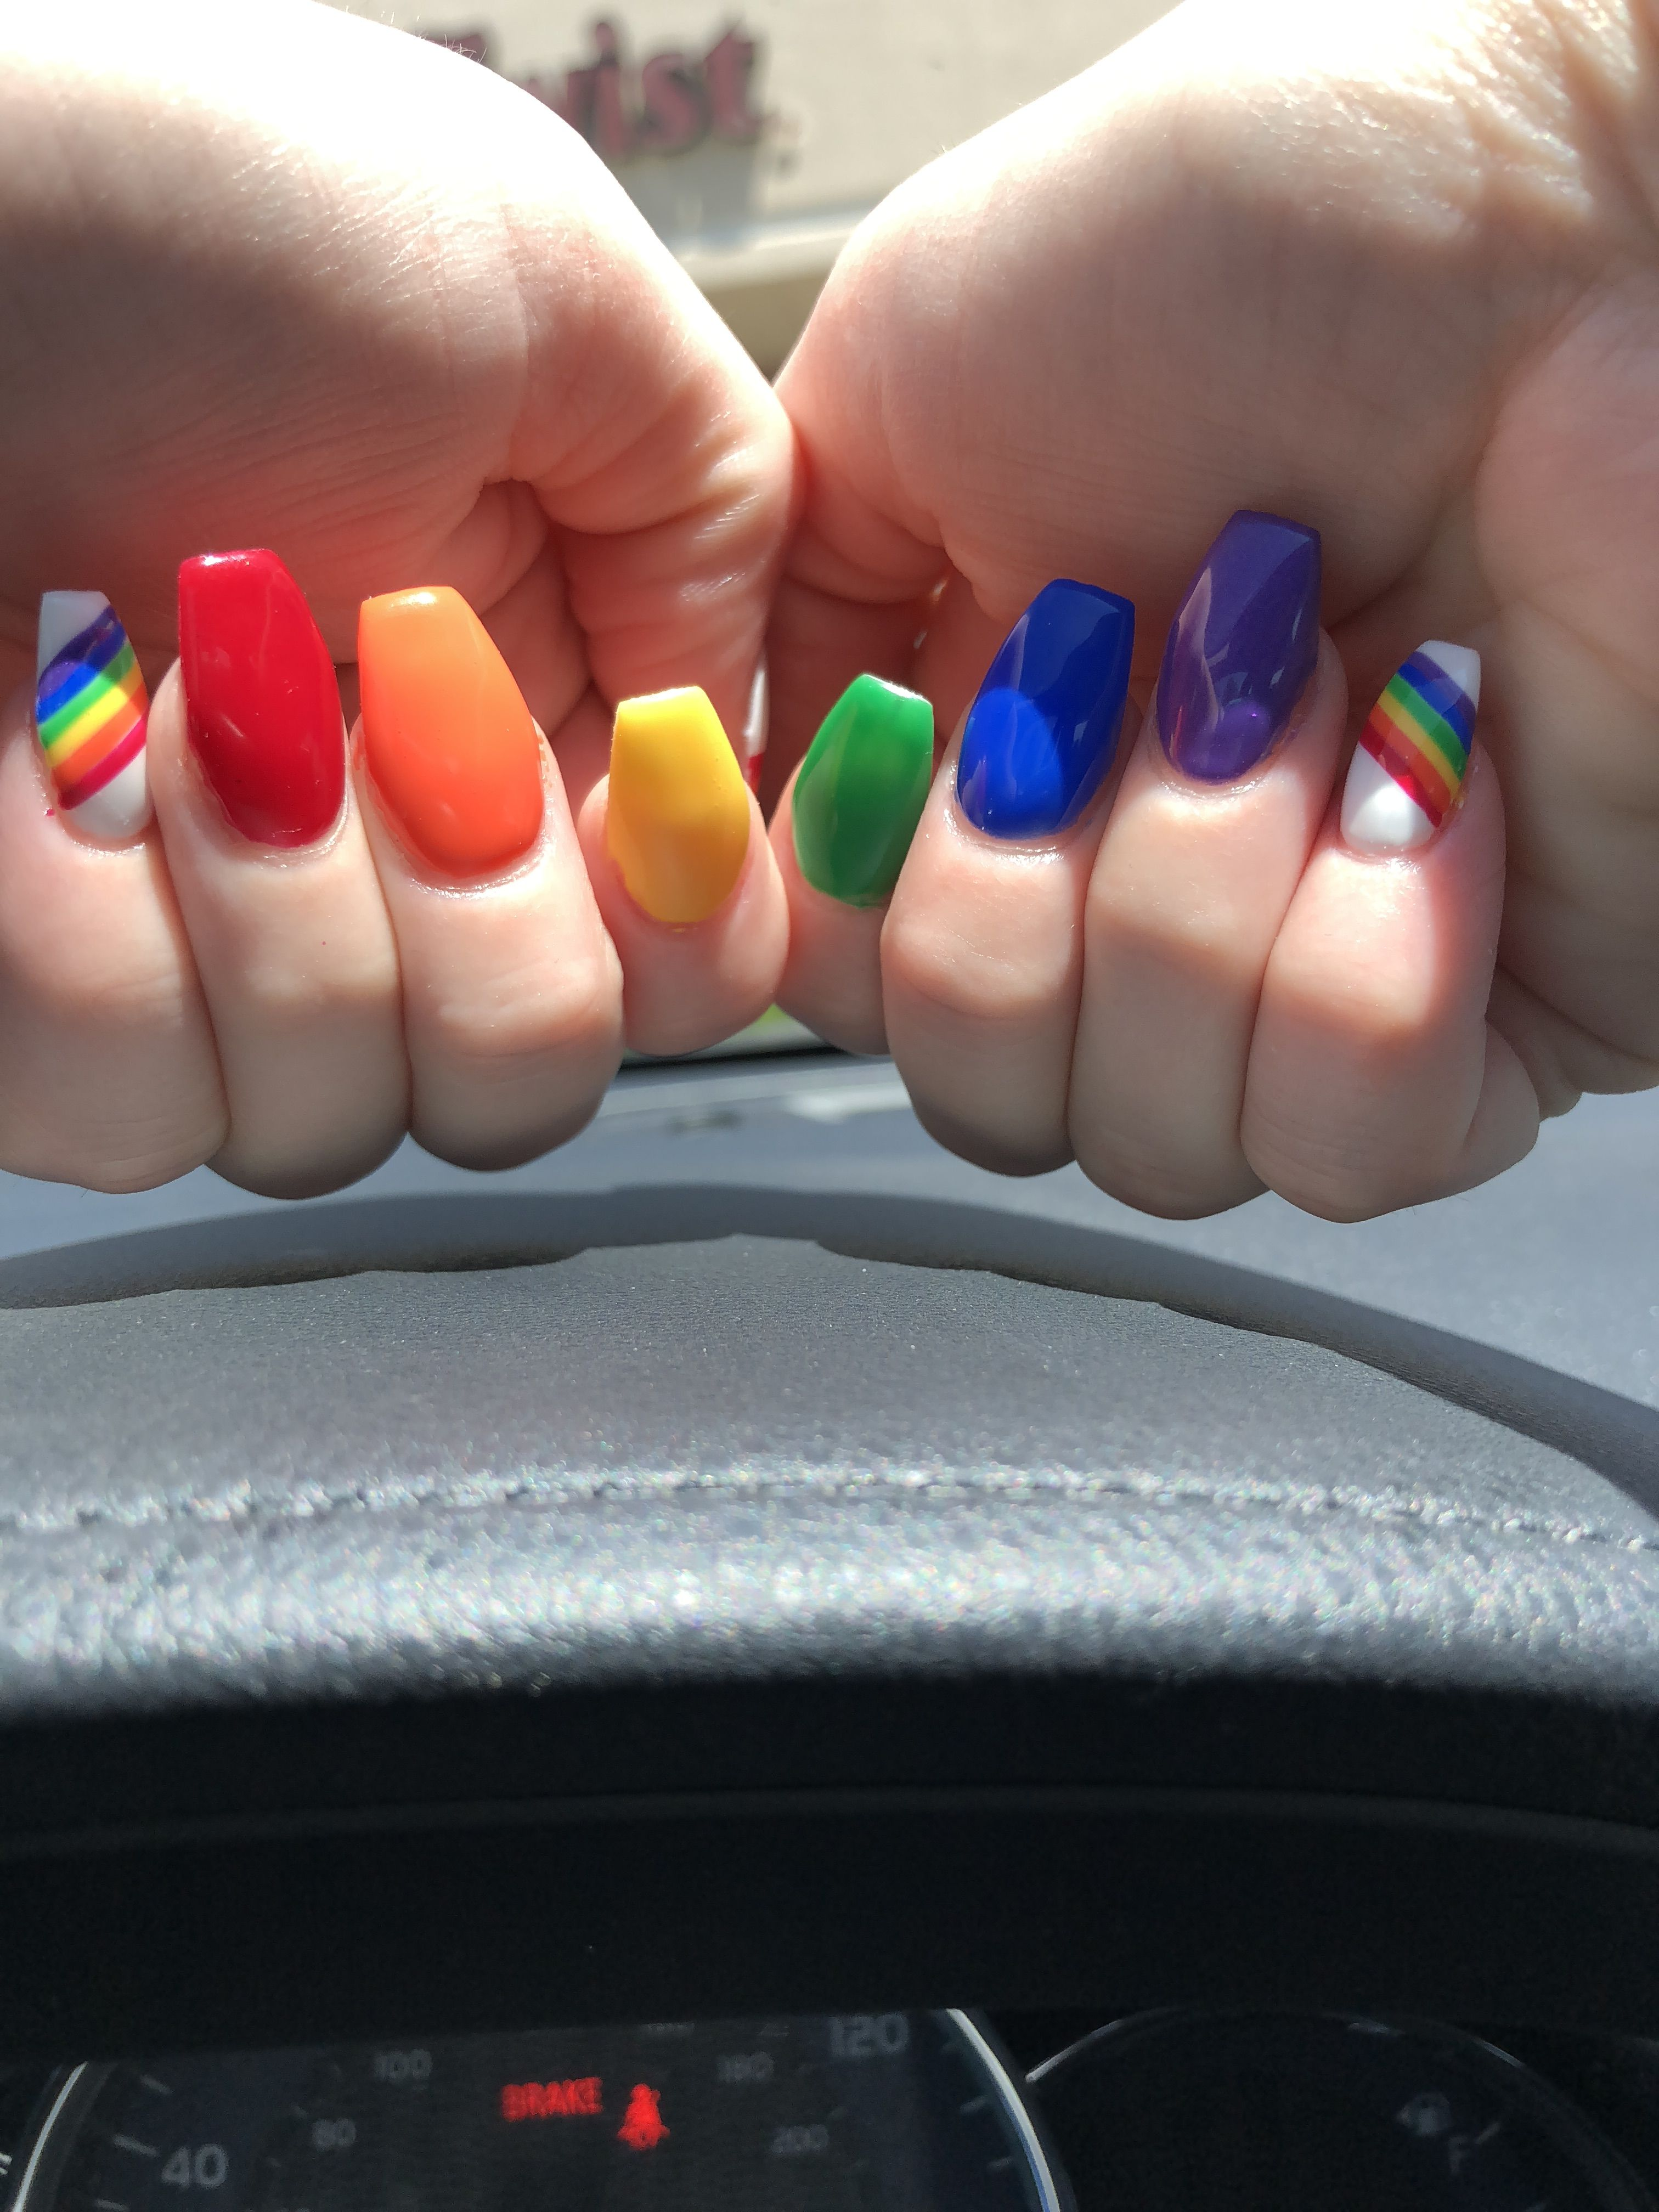 Pride Nails Done At Helen S Nails In Colorado Springs Rainbow Nails Design Rainbow Nails Rainbow Nail Art